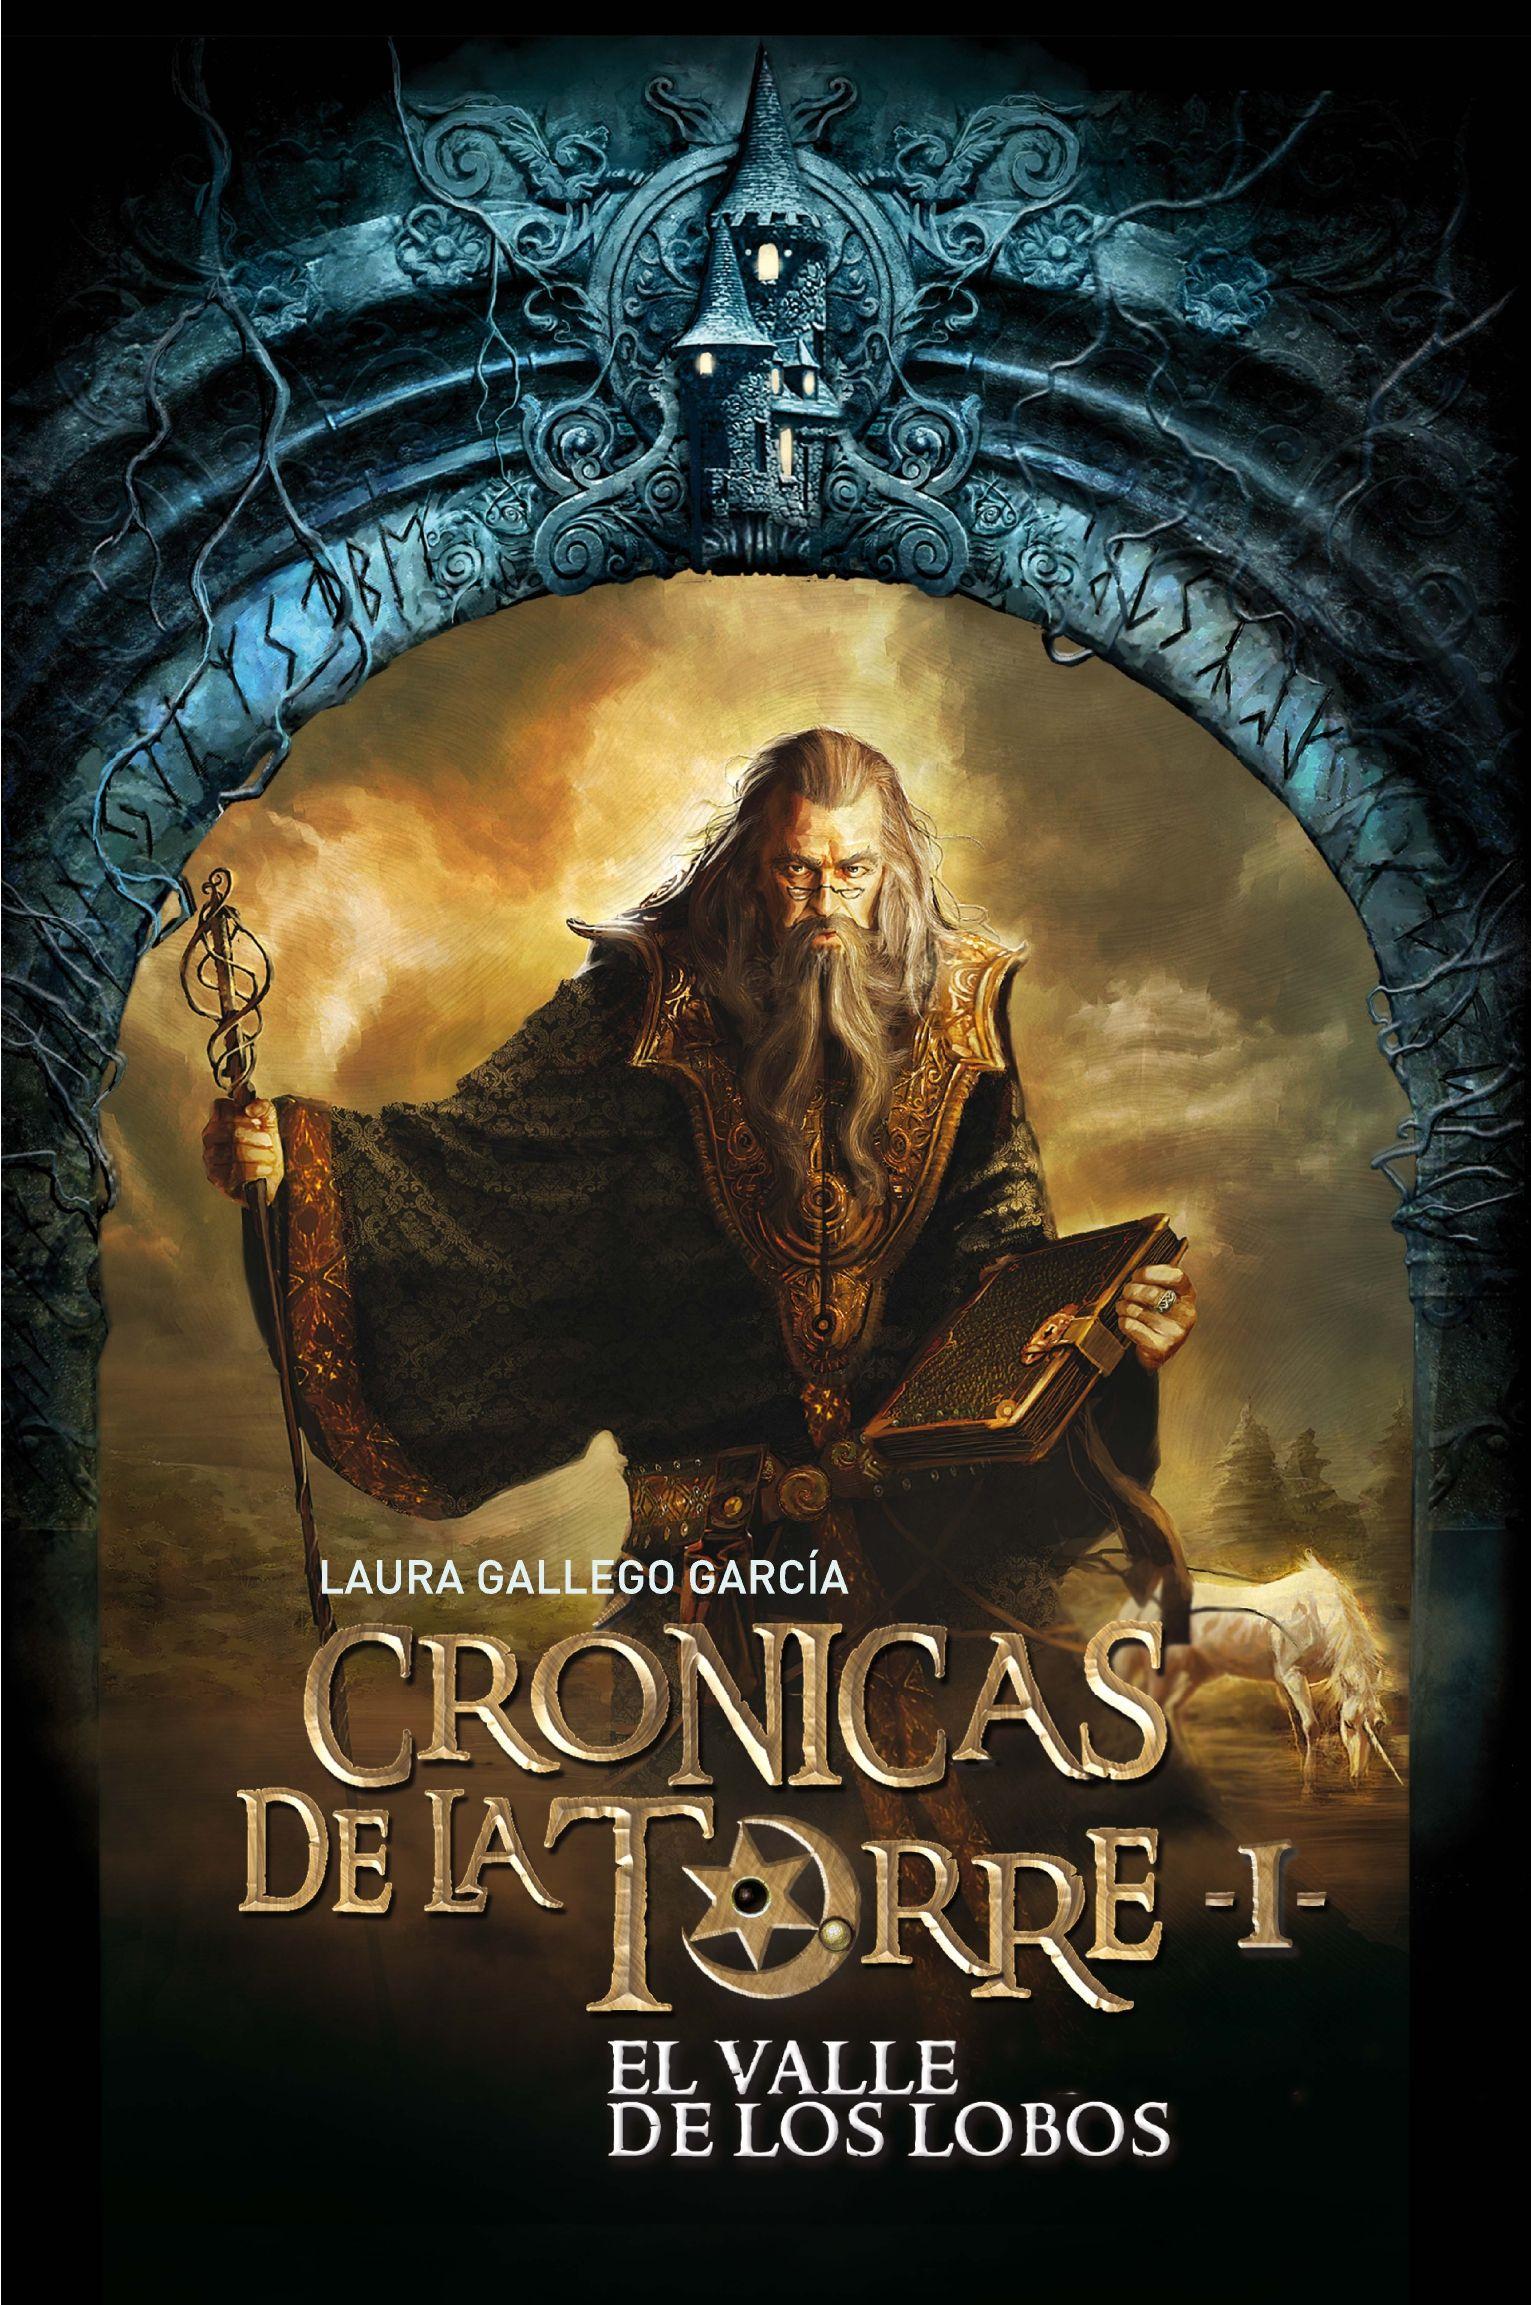 CRONICAS DE LA TORRE I